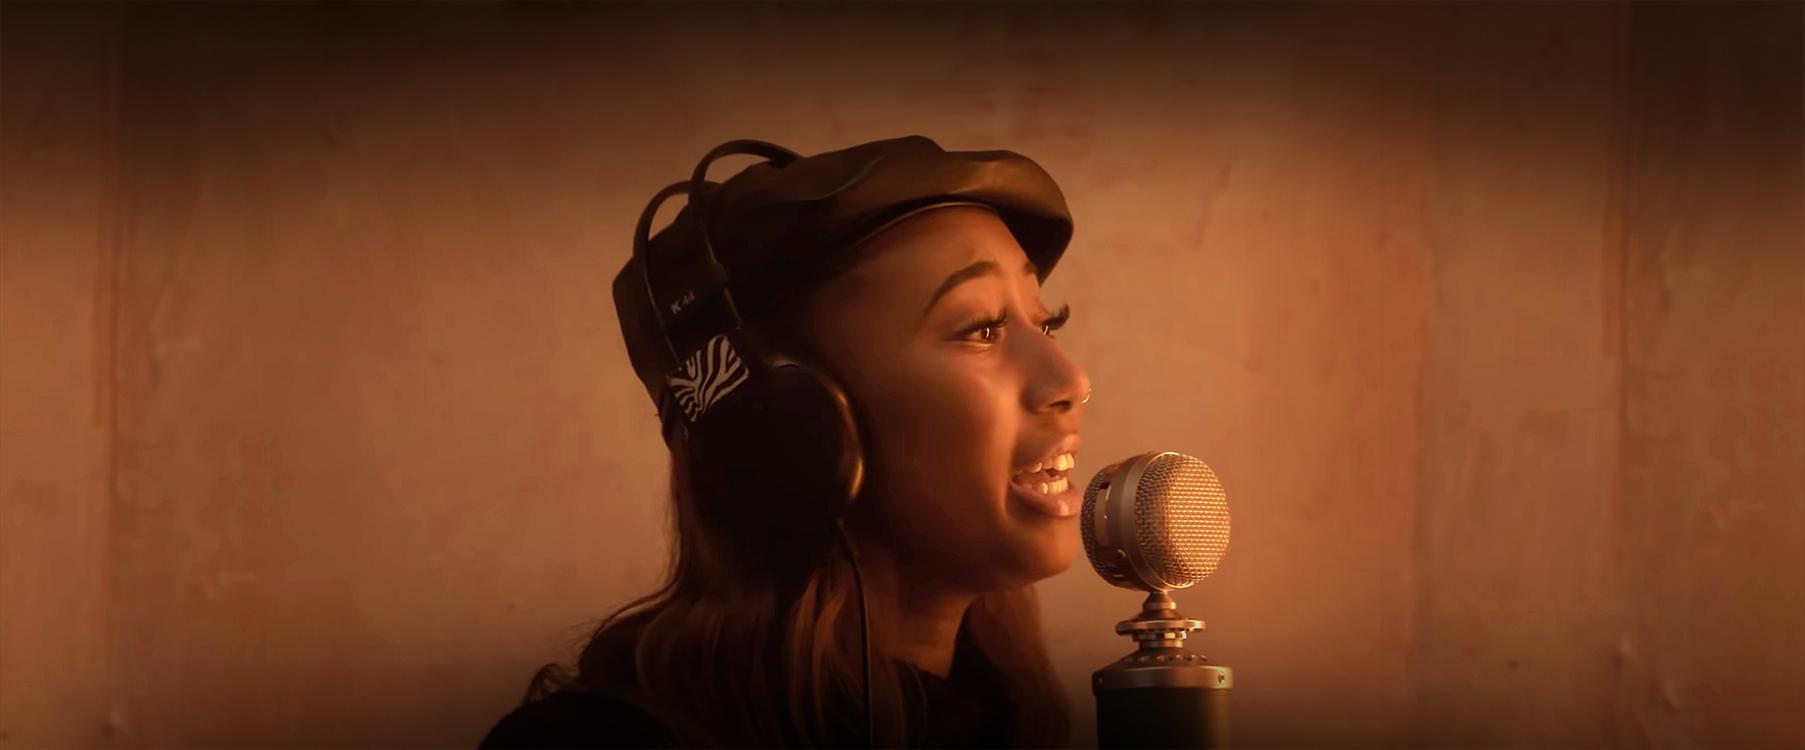 Vom richtigen Umgang mit Plug-Ins – wie man bessere Vocals aufnimmt